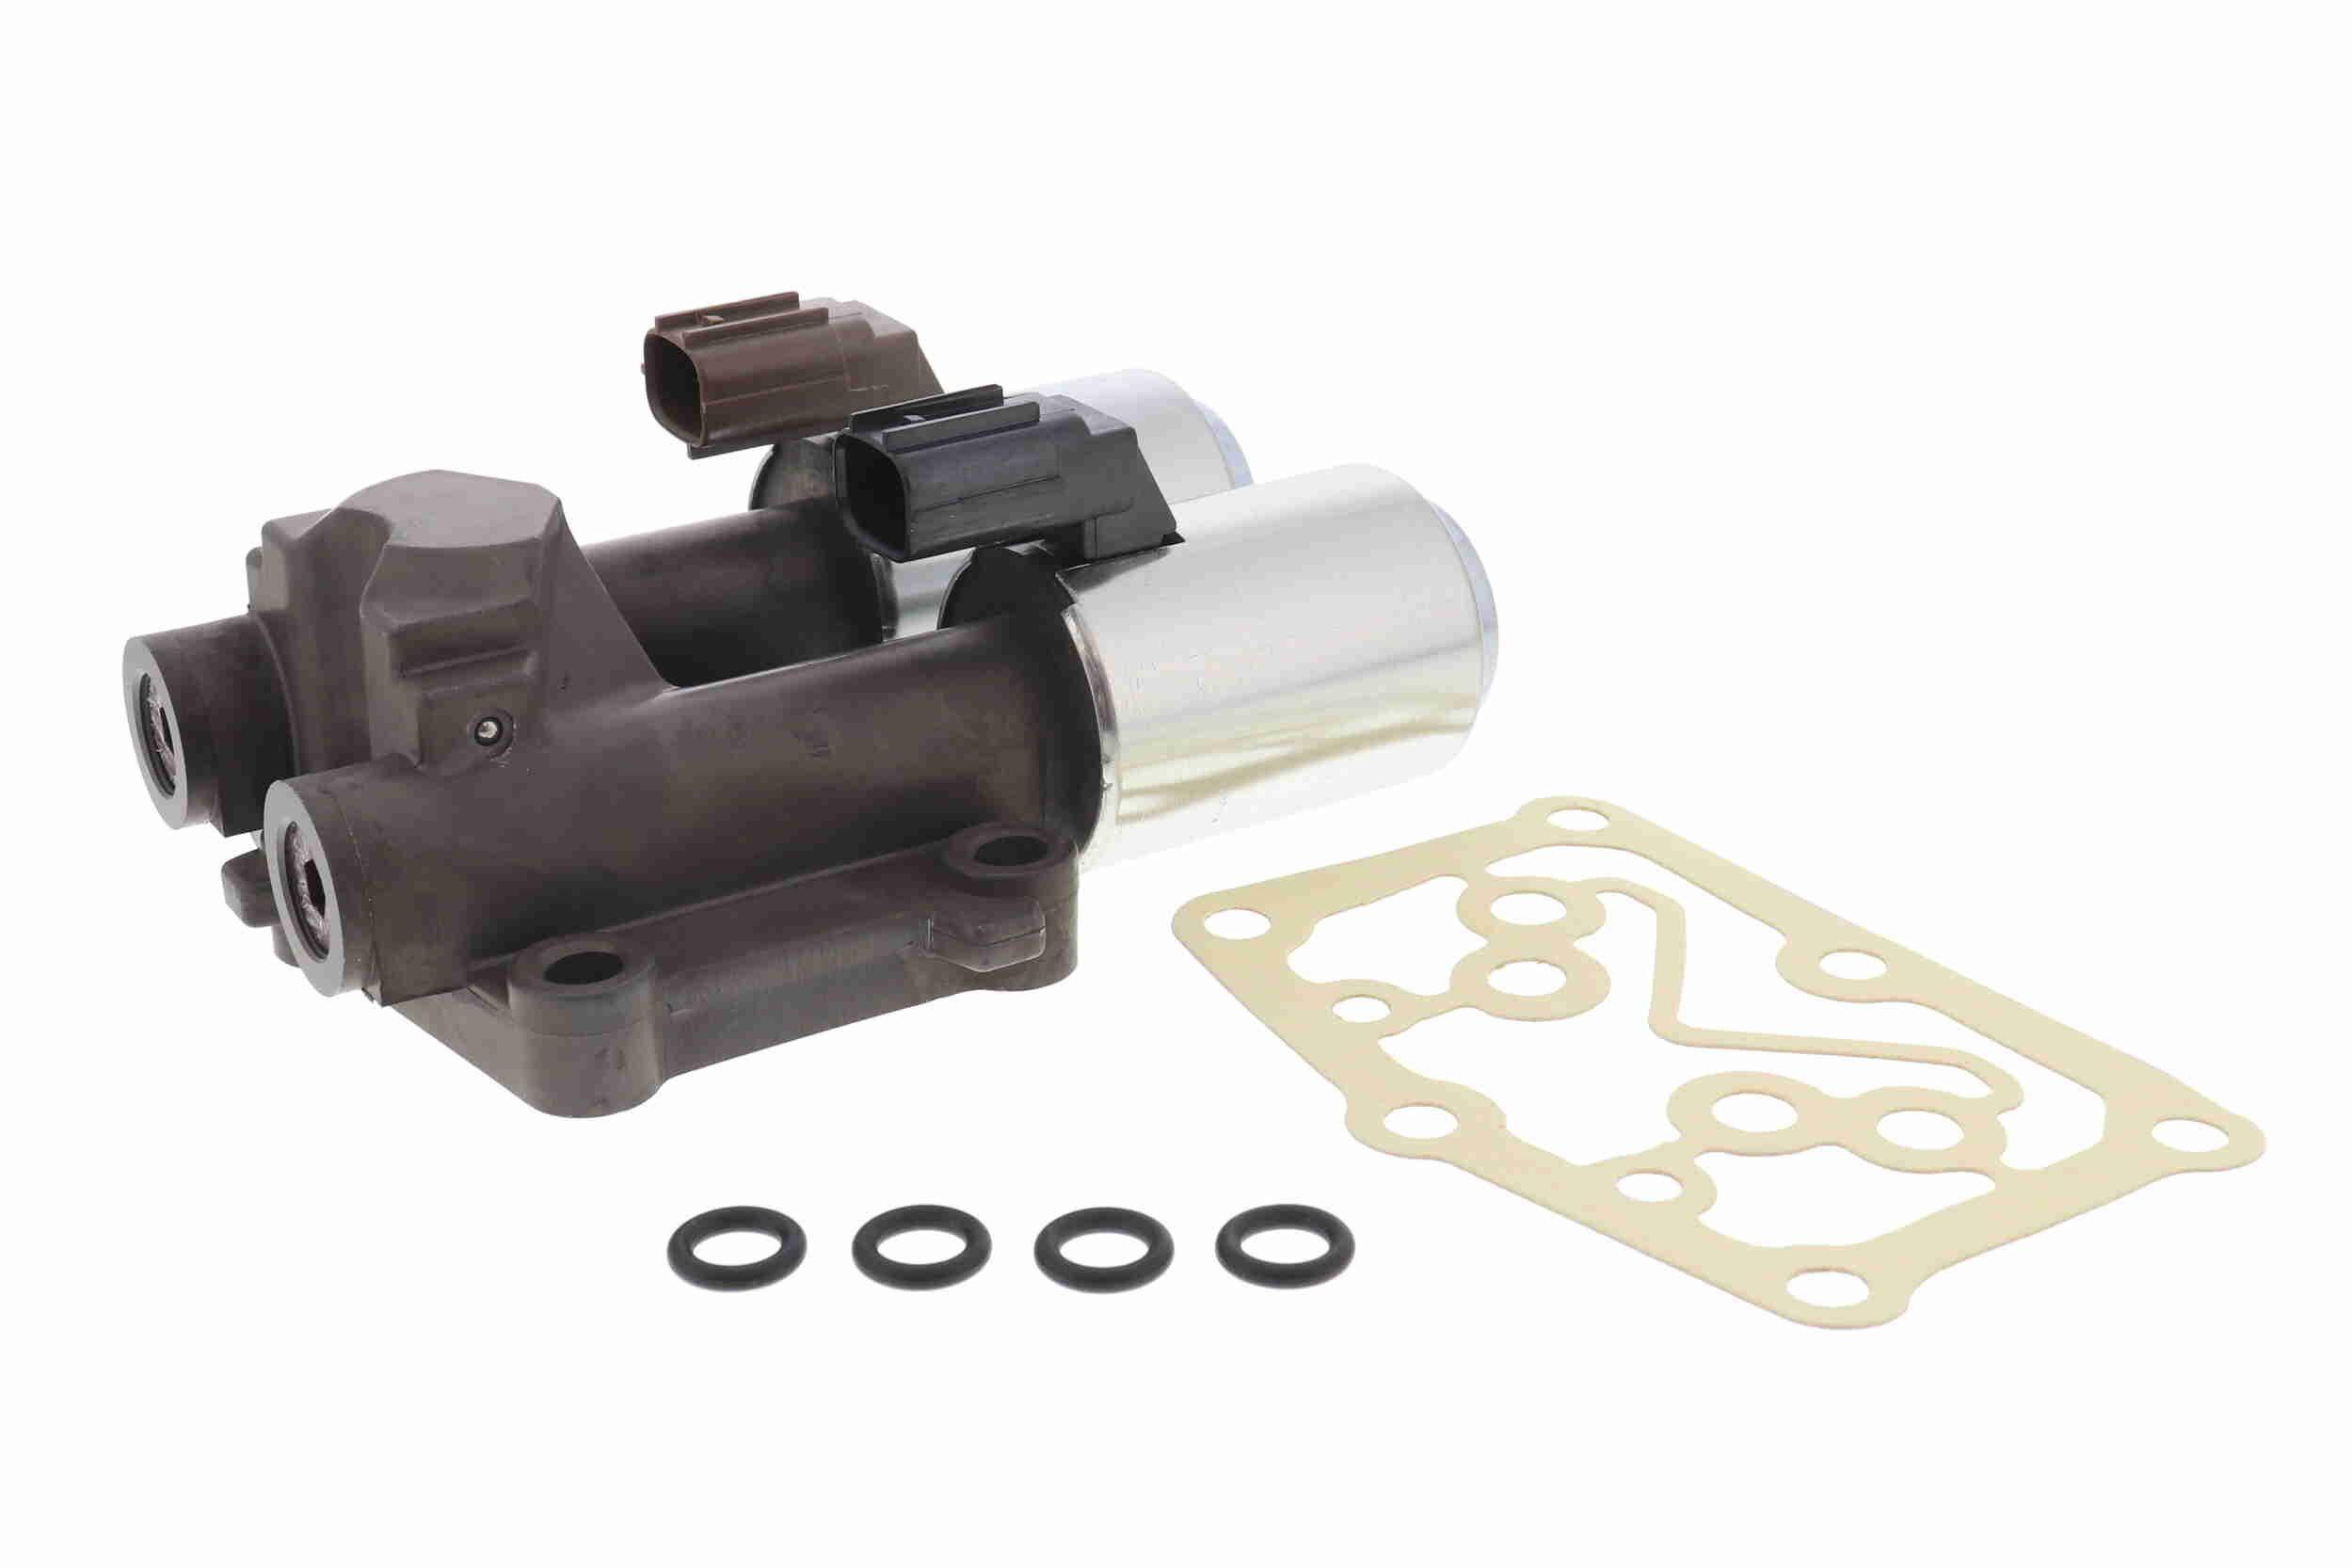 HONDA CR-Z Schaltventil, Automatikgetriebe - Original ACKOJA A26-77-0010